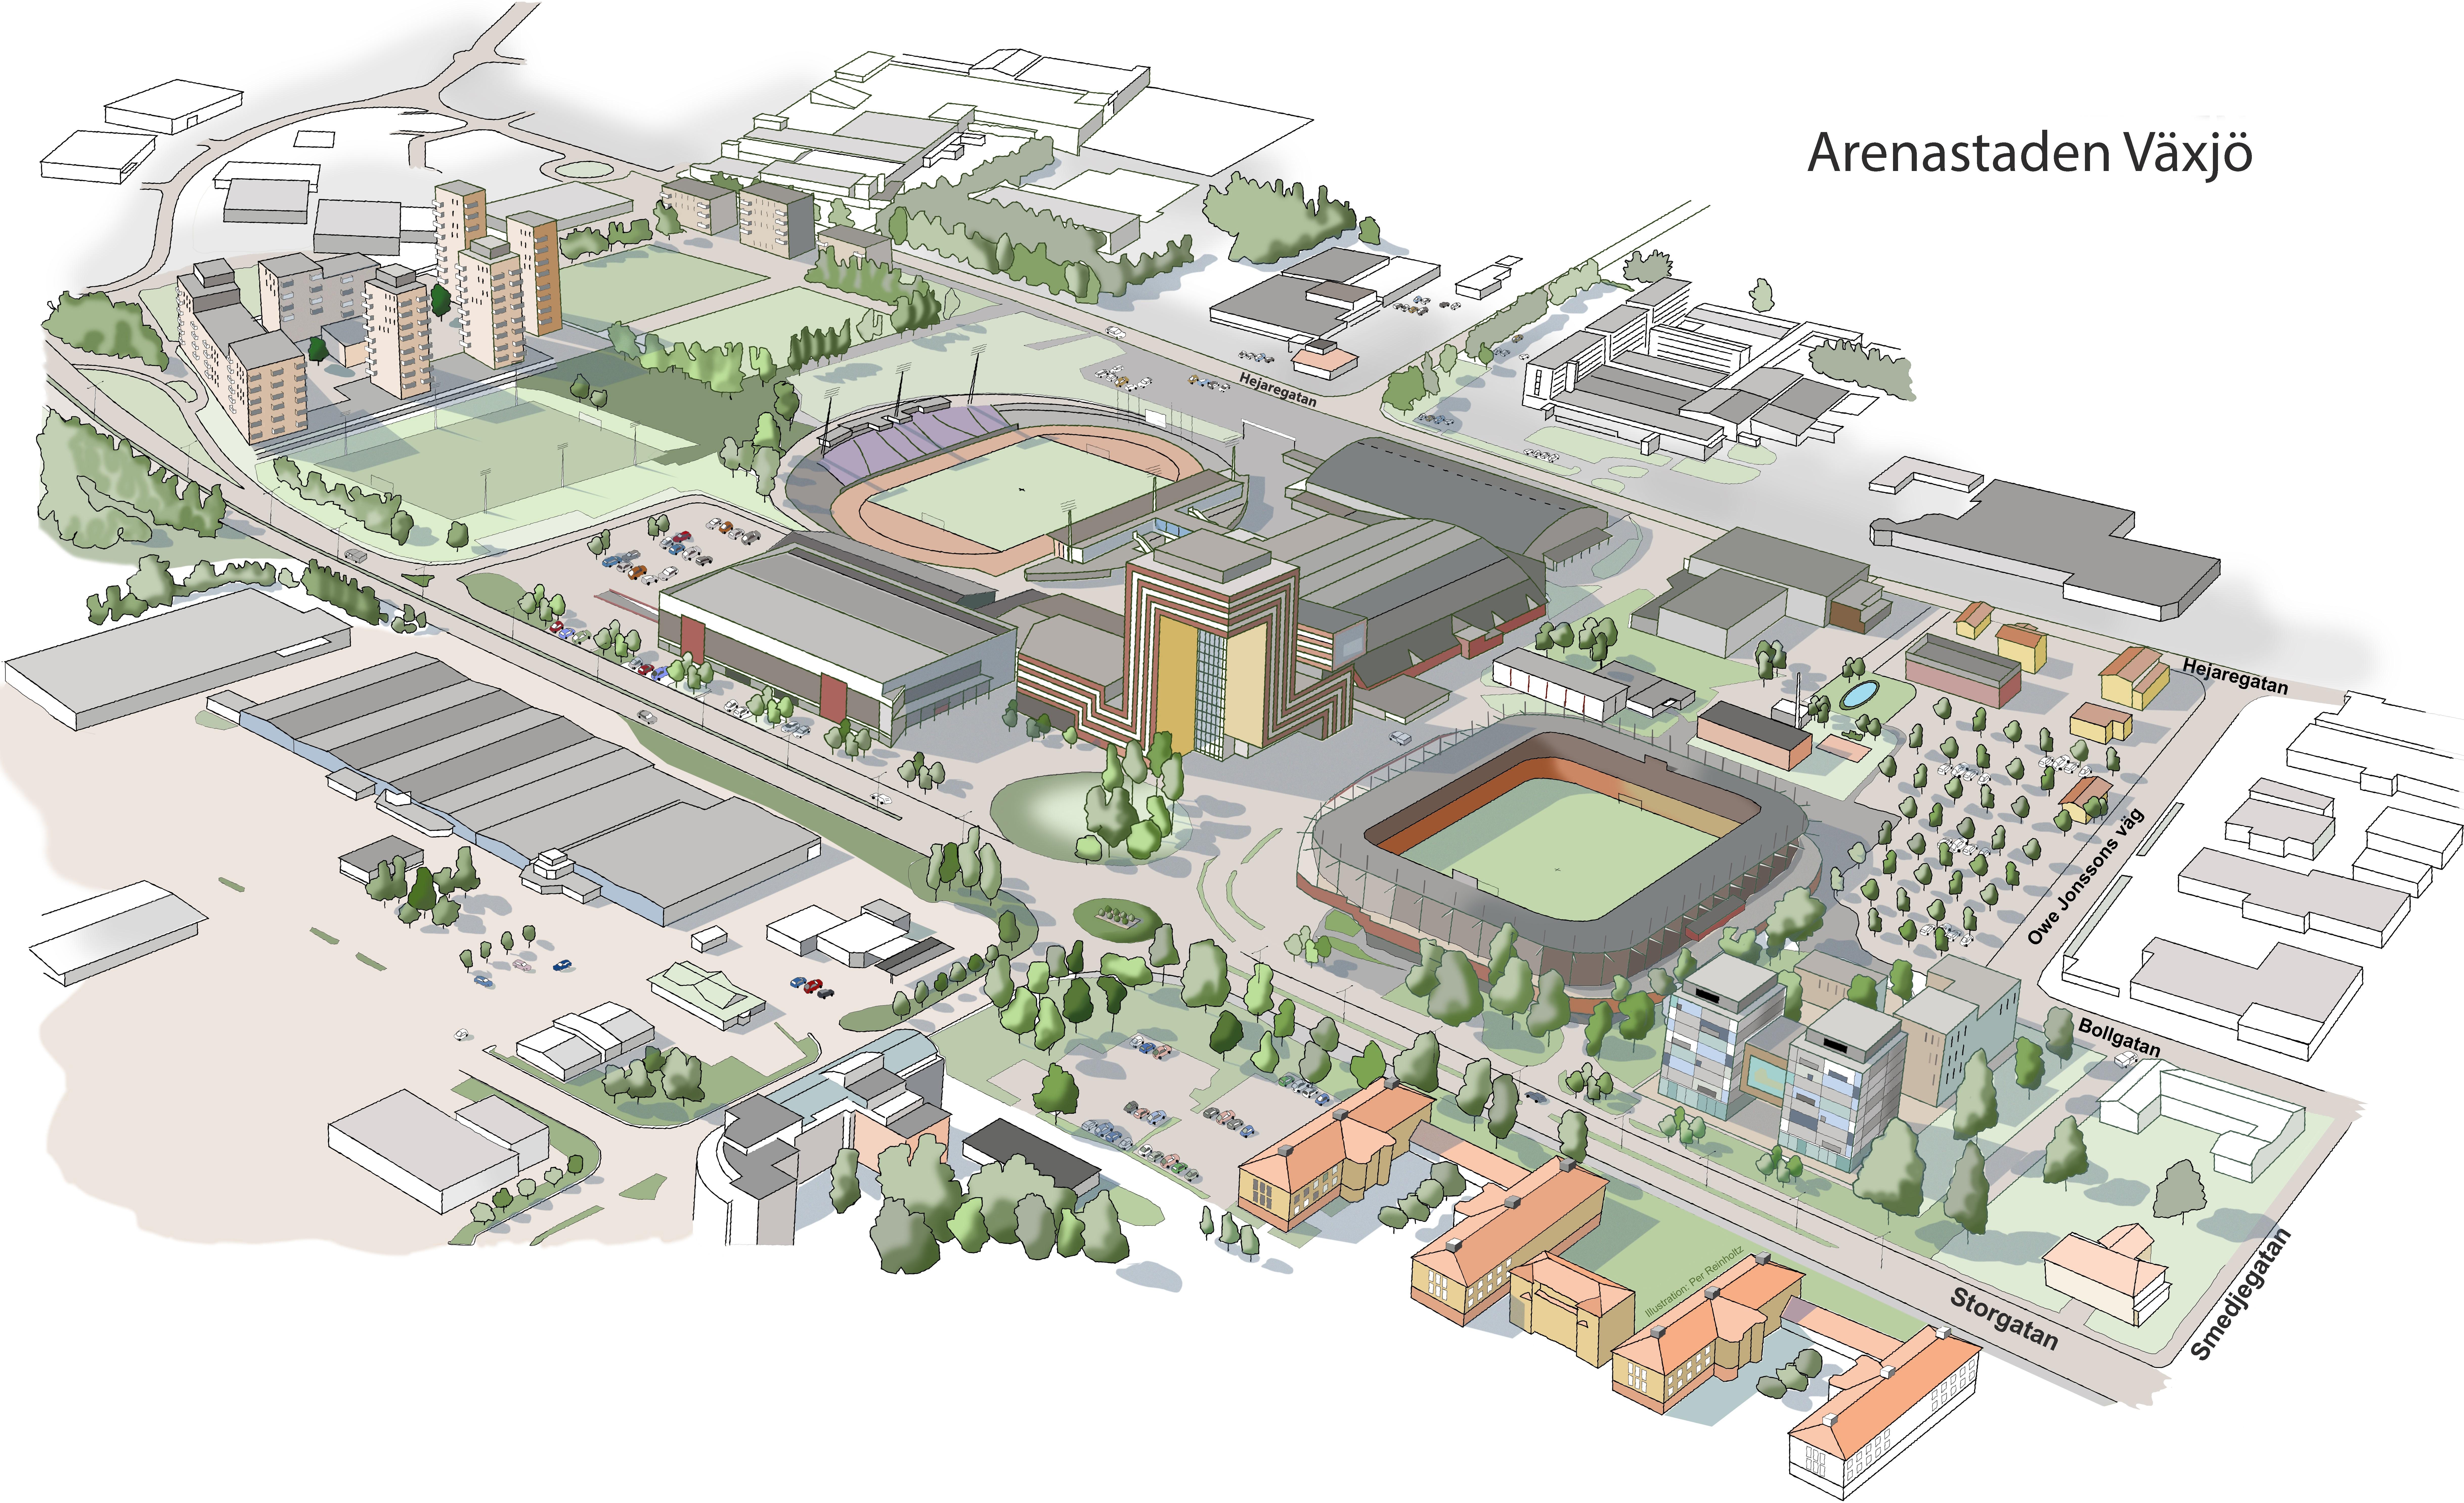 arenastaden växjö karta Arenastaden Växjö   Vaxjo.se arenastaden växjö karta